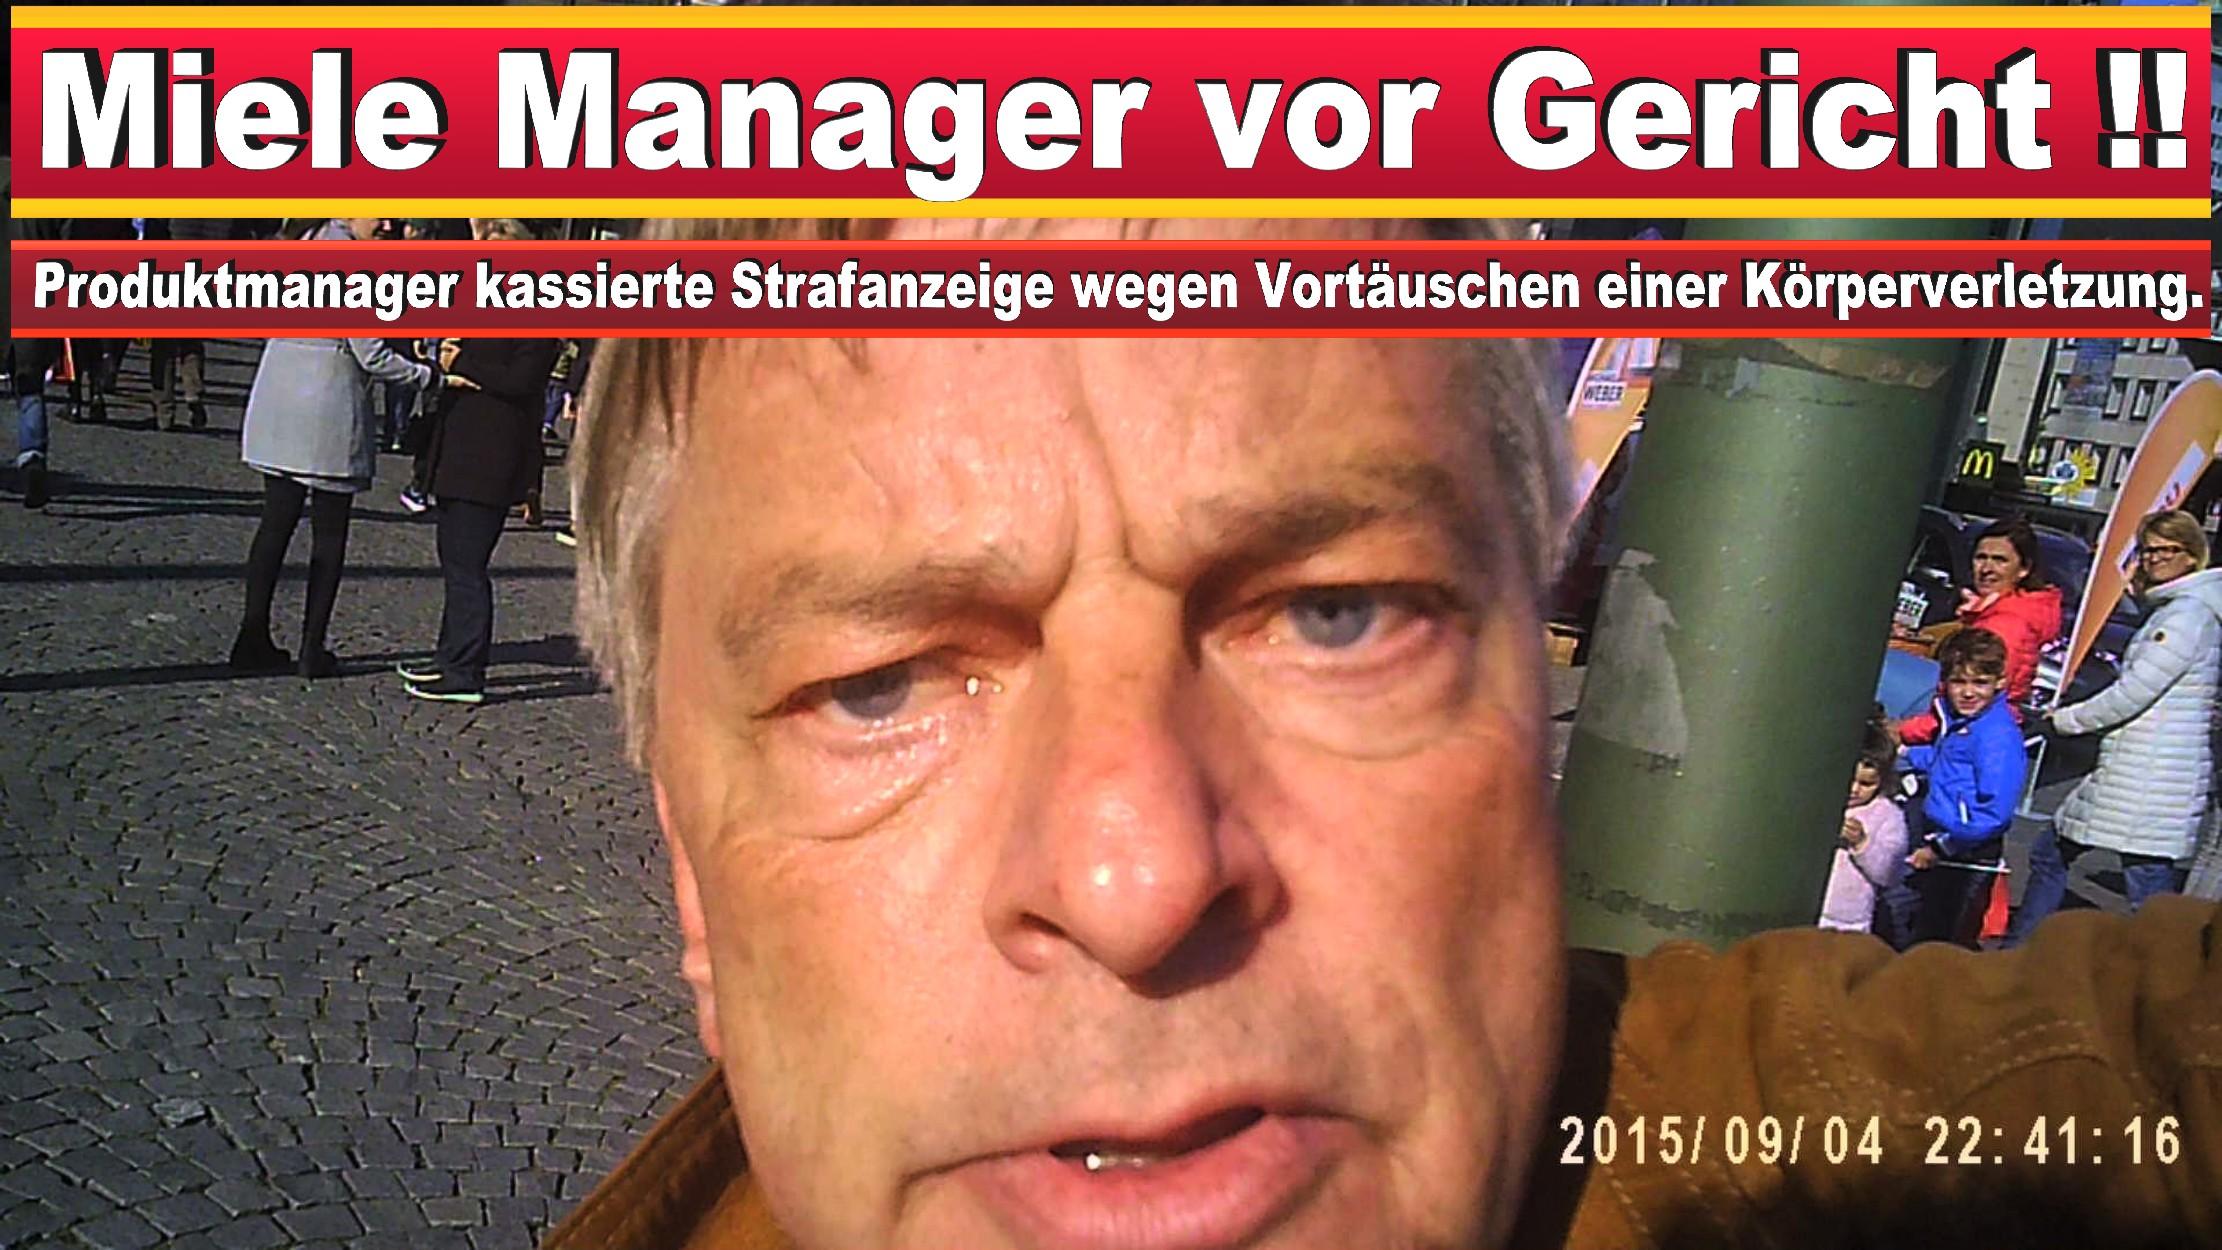 MICHAEL WEBER CDU BIELEFELD GEWALTAUSBRUCH UND STRAFANZEIGE (12)